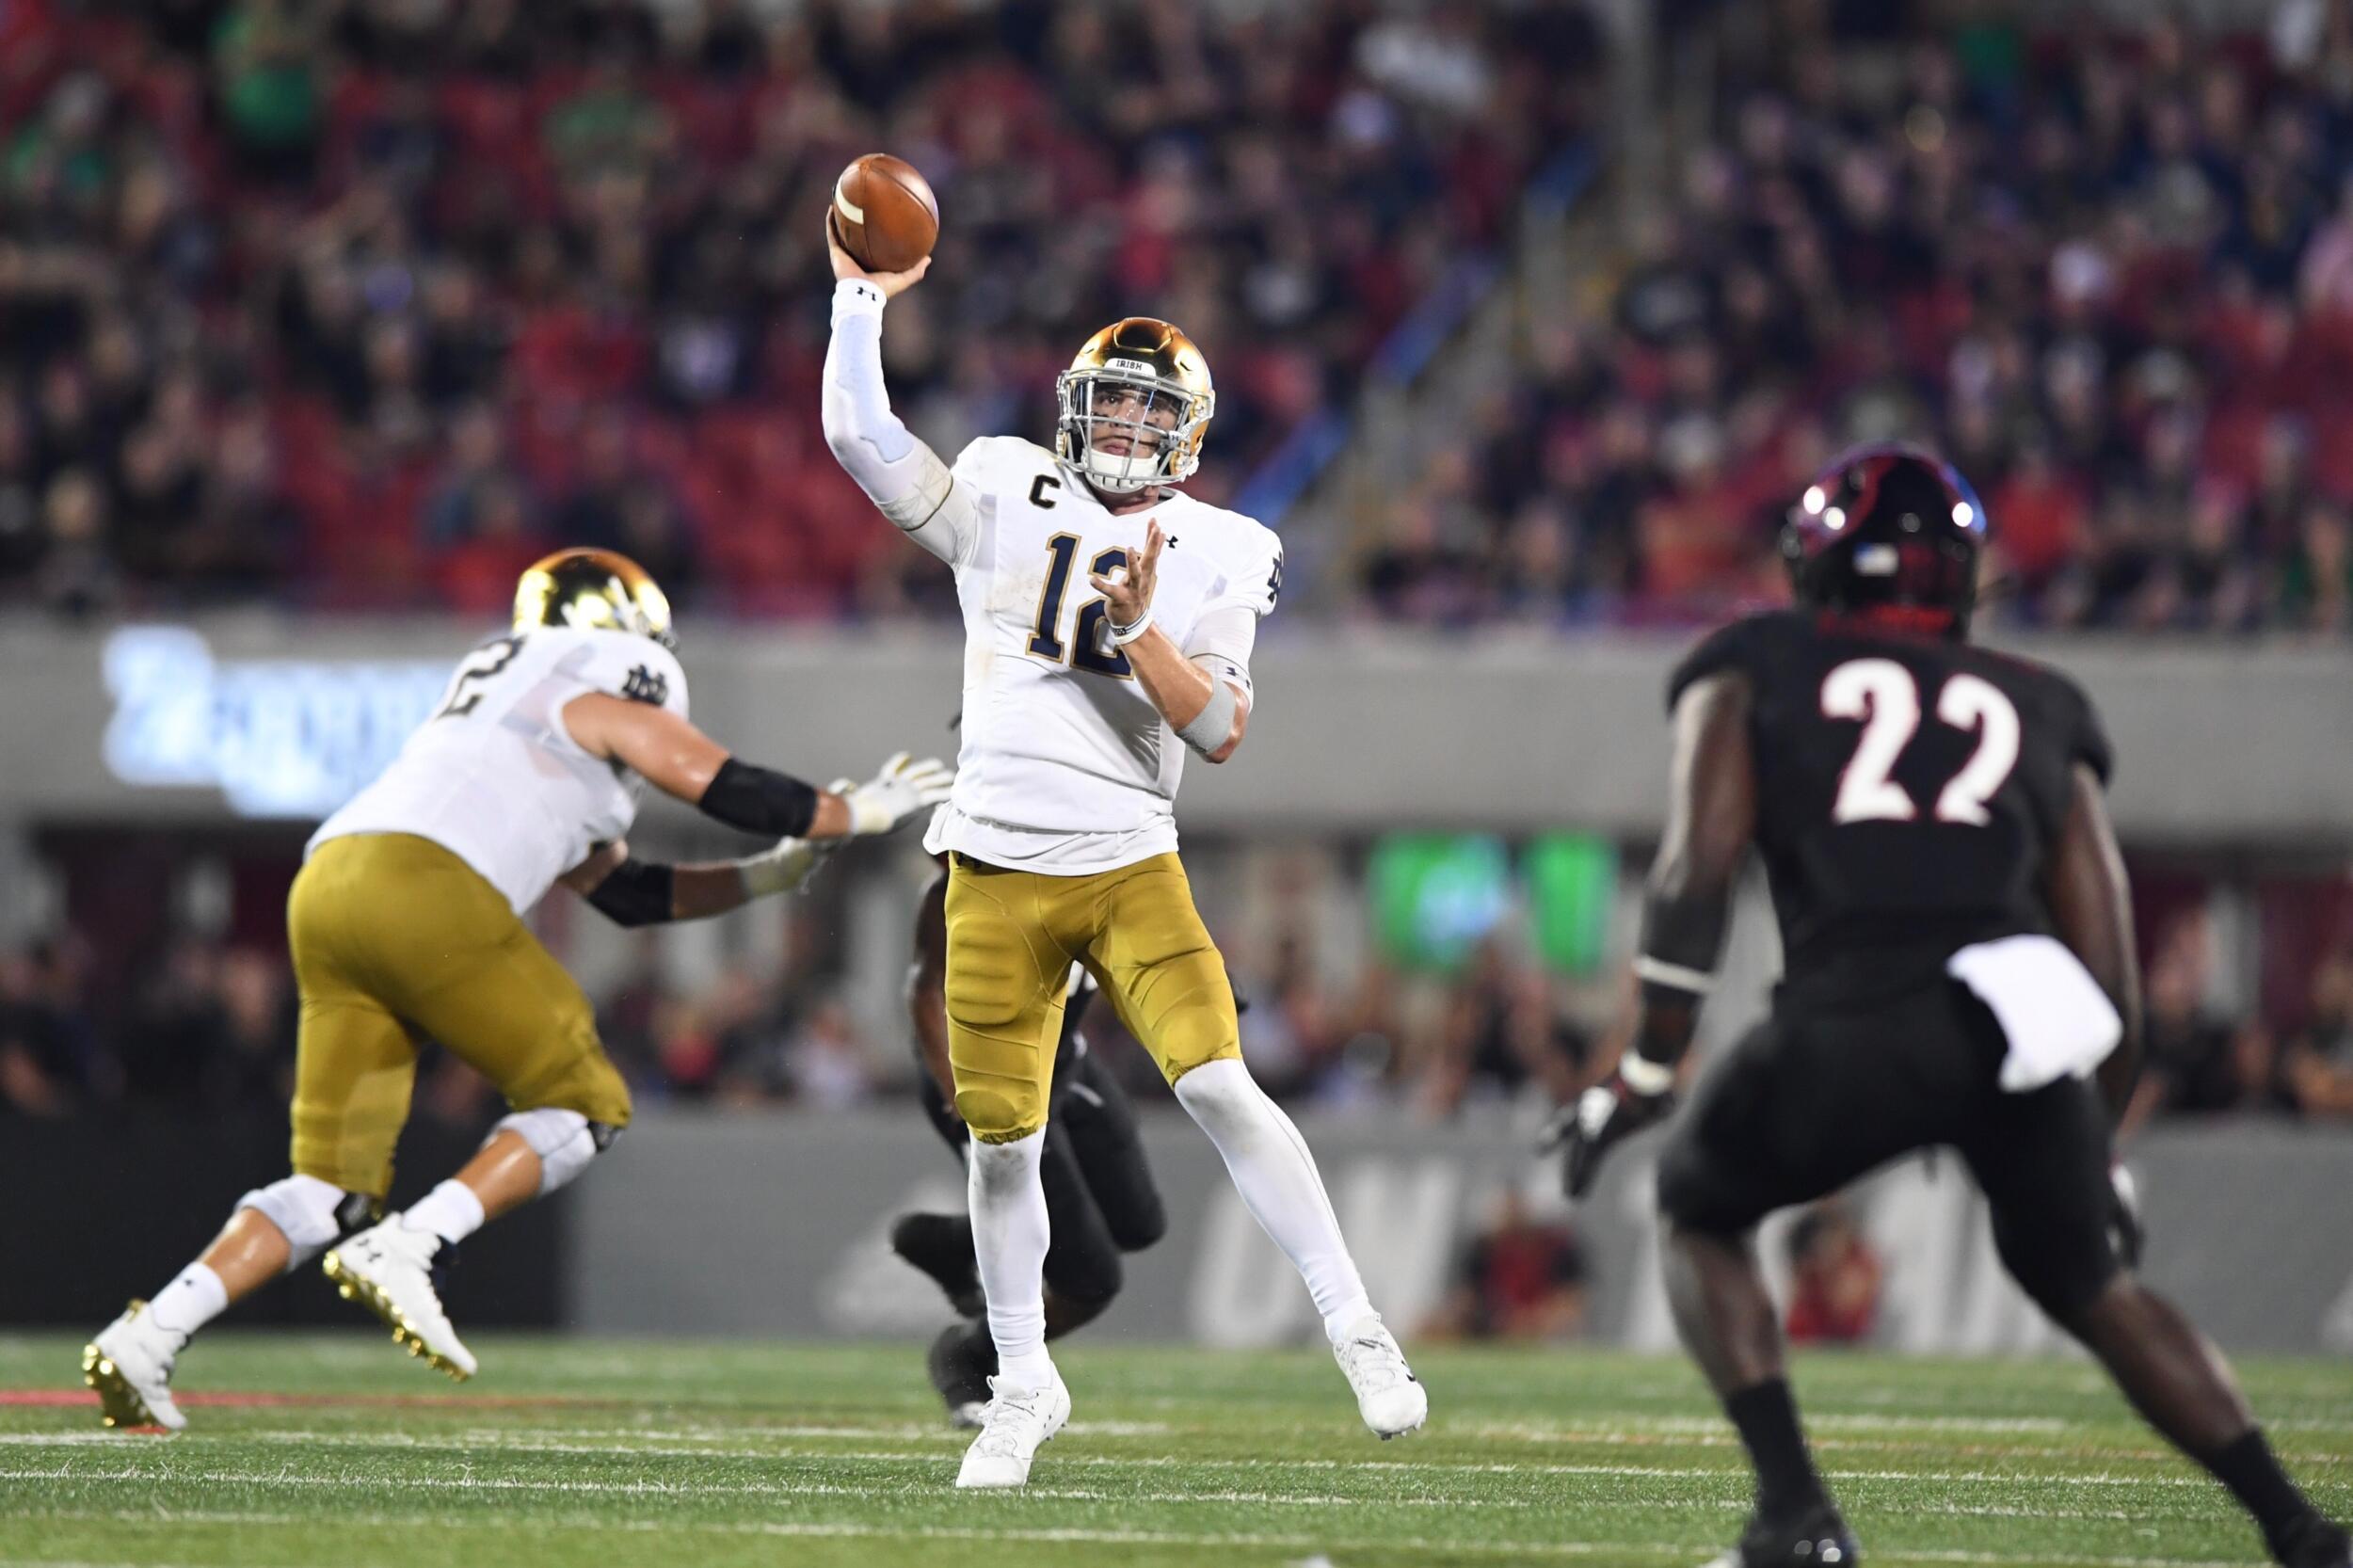 Notre Dame quarterback Ian Book